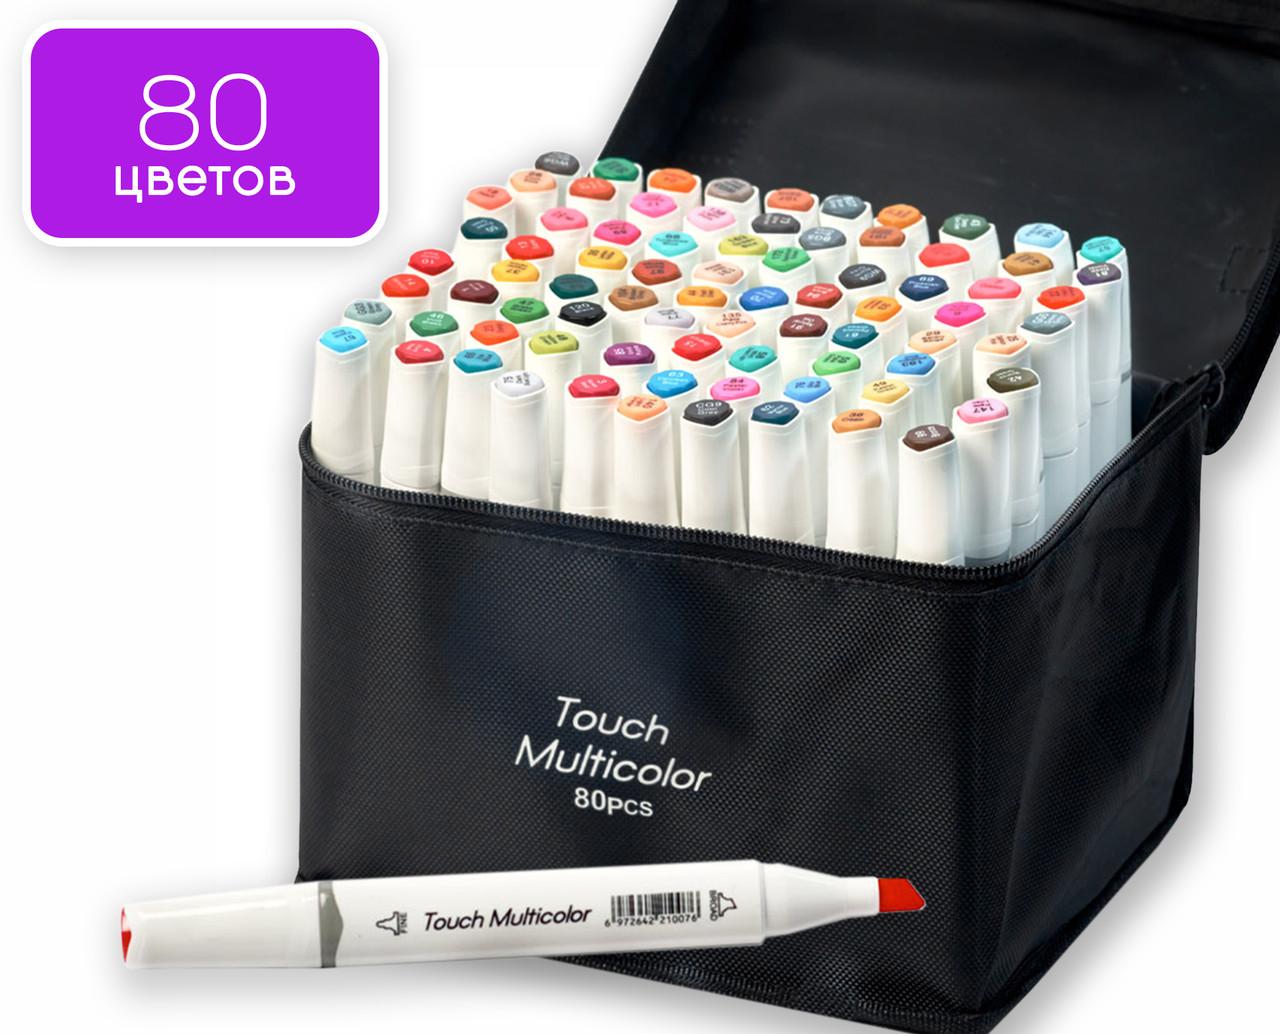 Набір маркерів Touch Multicolor для малювання і скетчинга на спиртовій основі 80 штук, Якісні маркери!